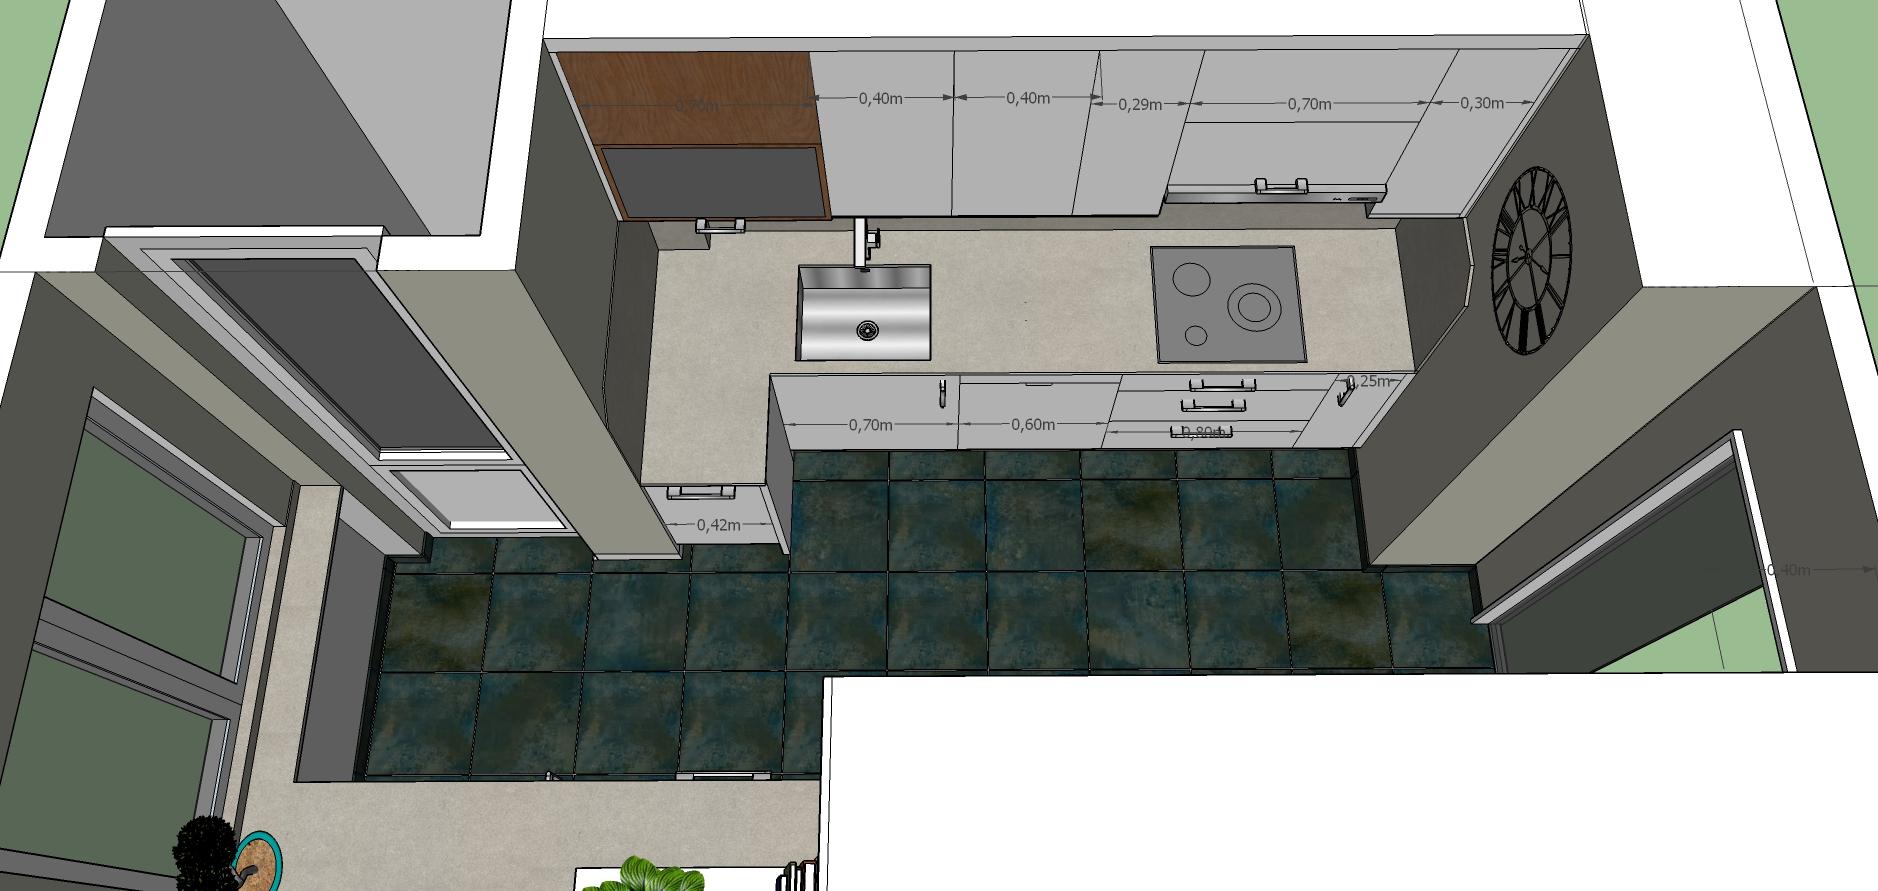 Proyecto 3D-Reforma integral-reforma-coruña-cambio bañera por plato de ducha-contratista-empresa-de-reformas-renueve su casa-reforma baño-reforma cocina-cocinas express_12